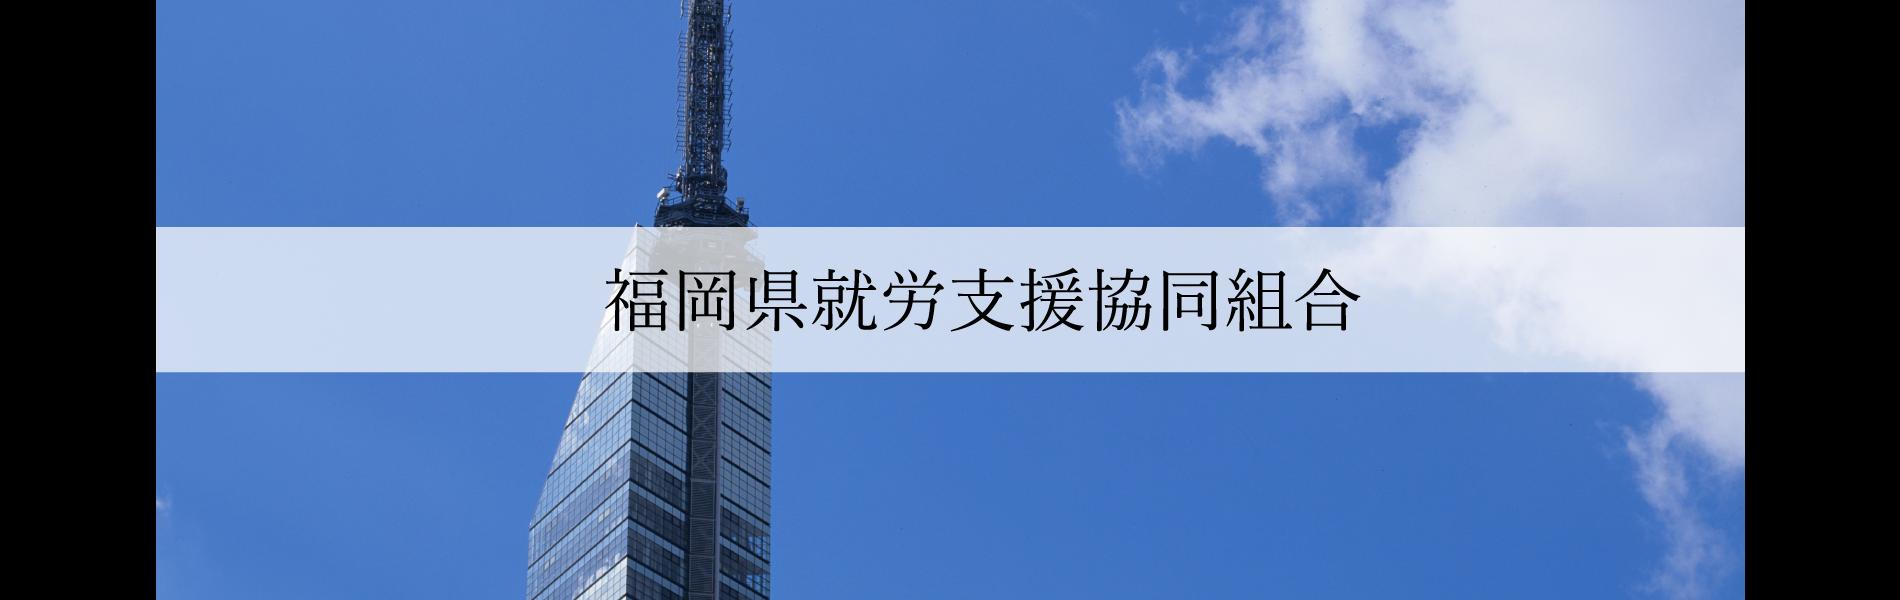 福岡県就労支援協同組合